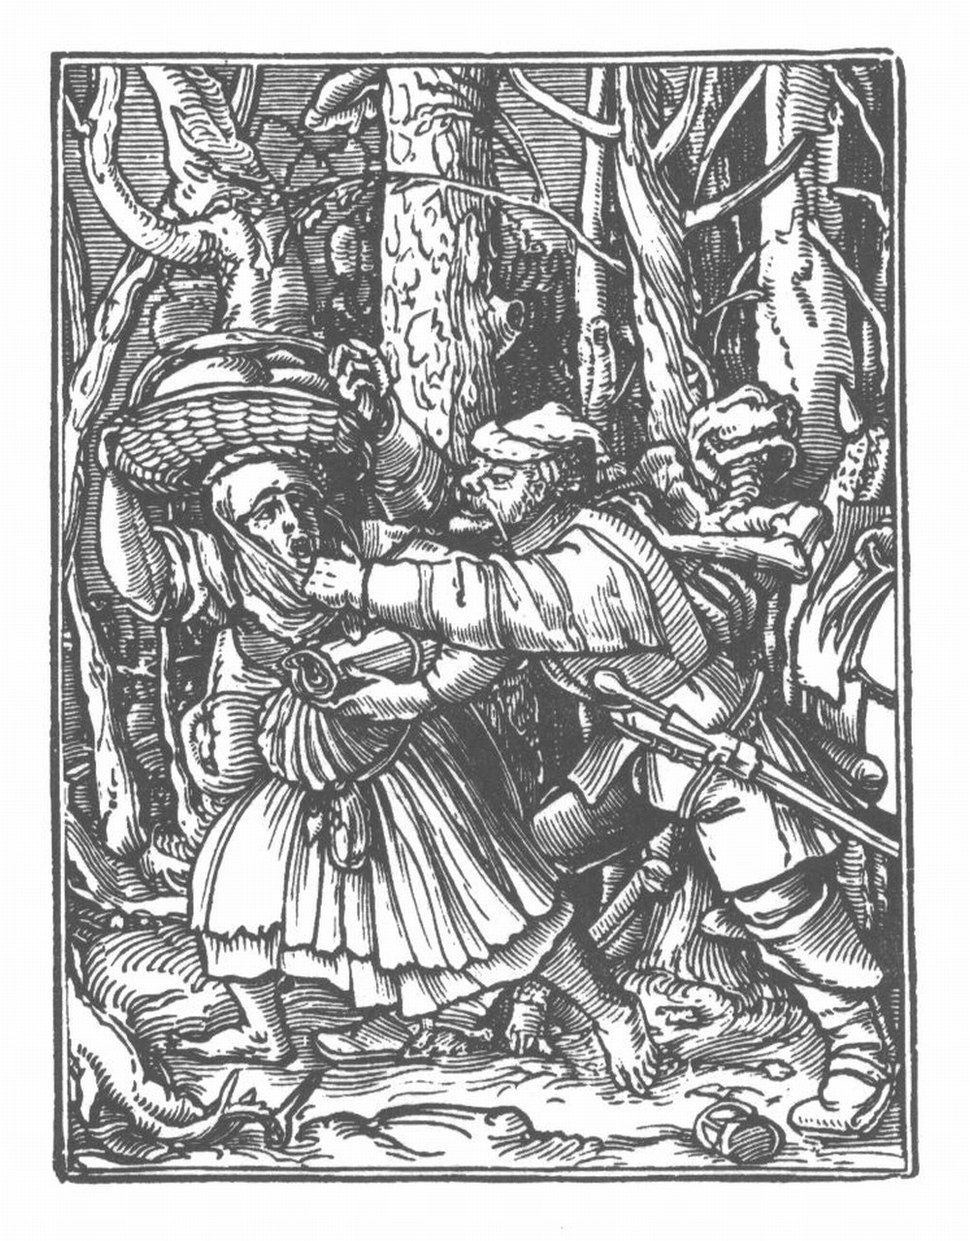 Holbein Danse Macabre 46